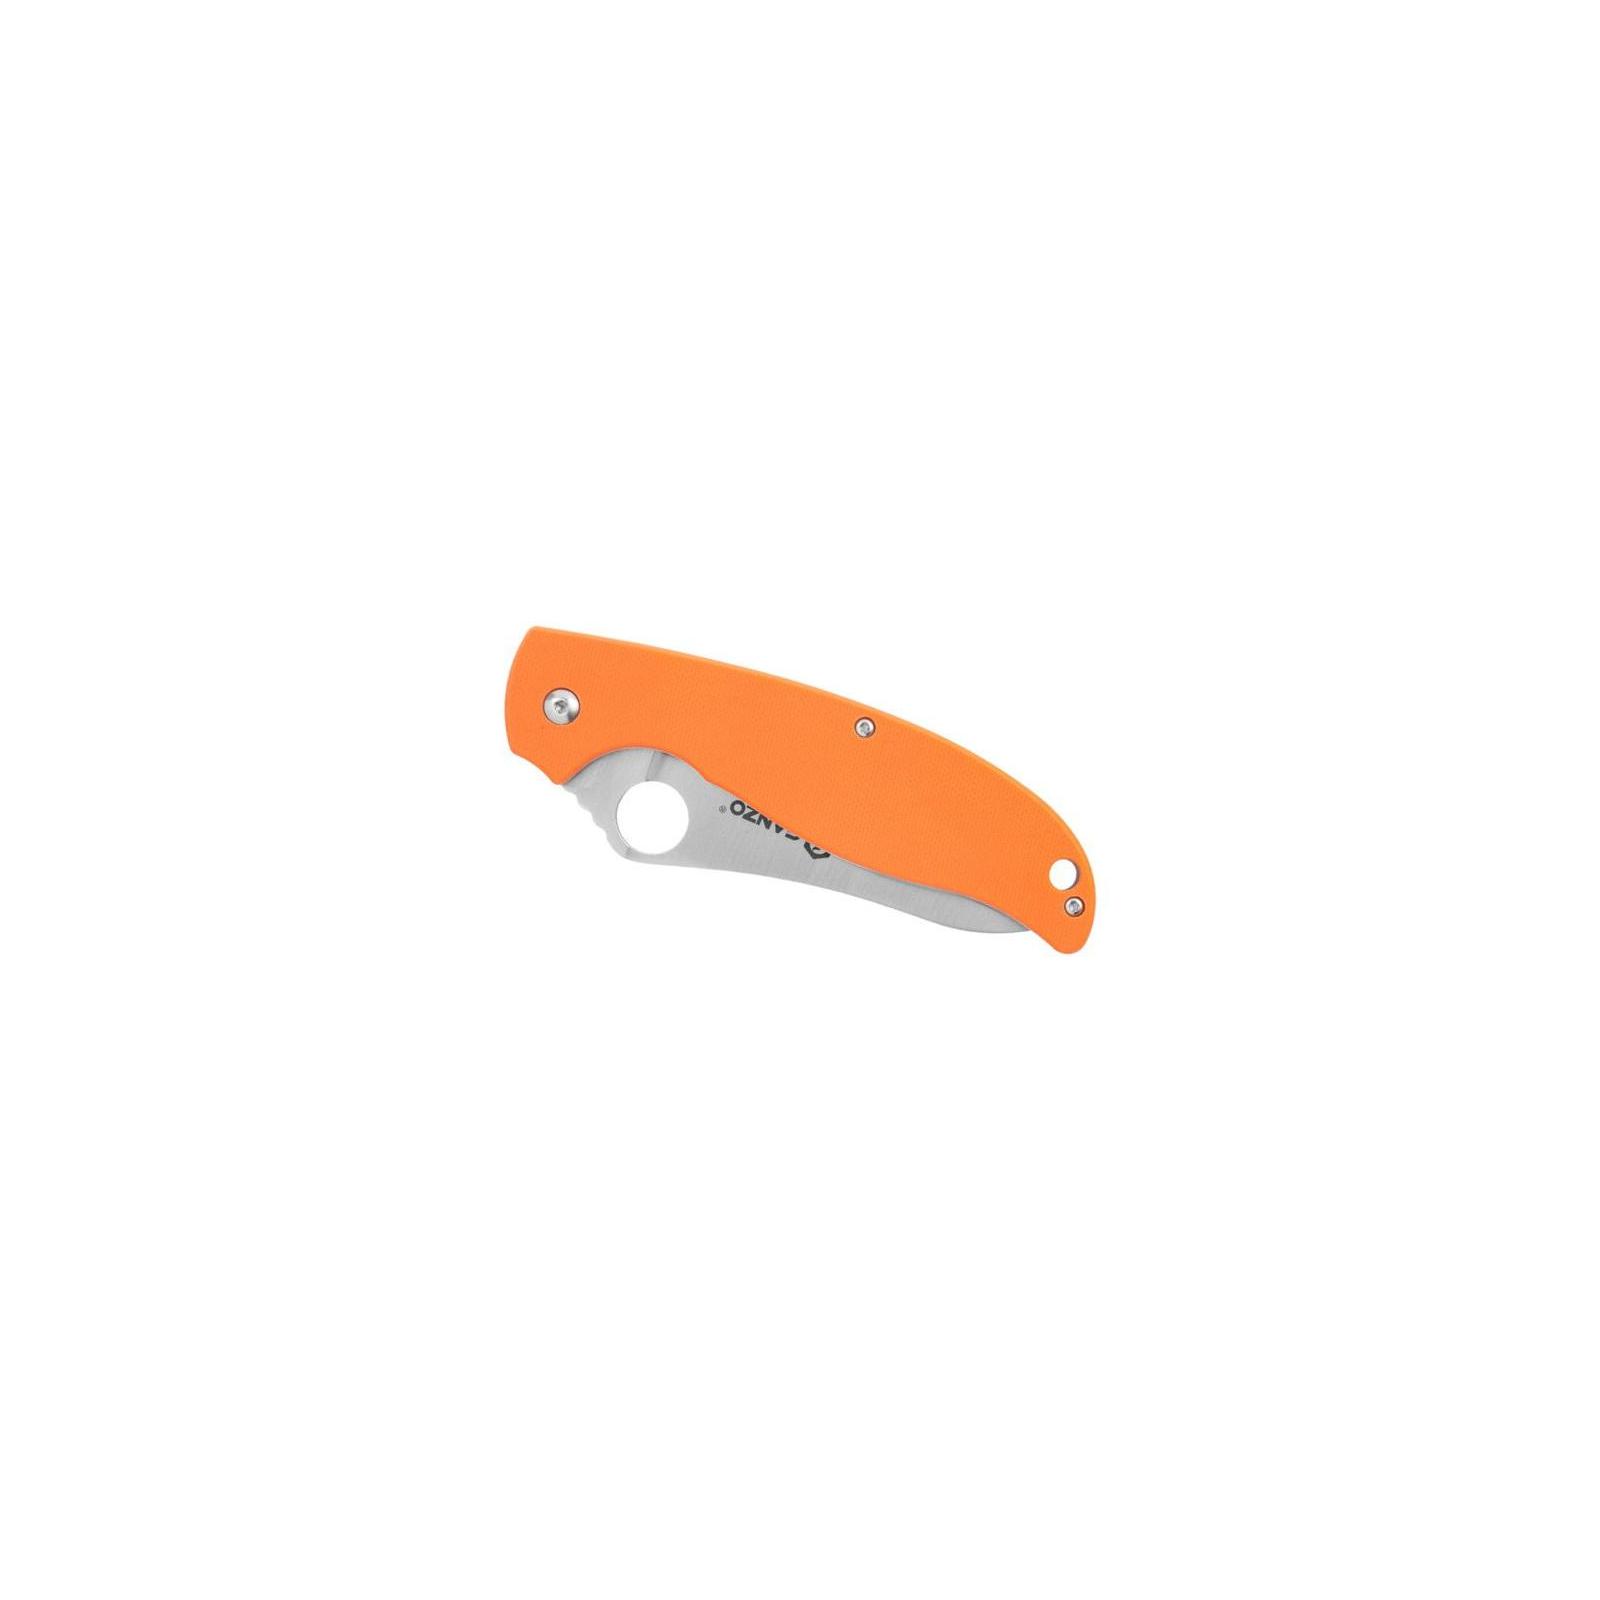 Нож Ganzo G734-OR оранжевый (2015-11-24) (G734-OR) изображение 3